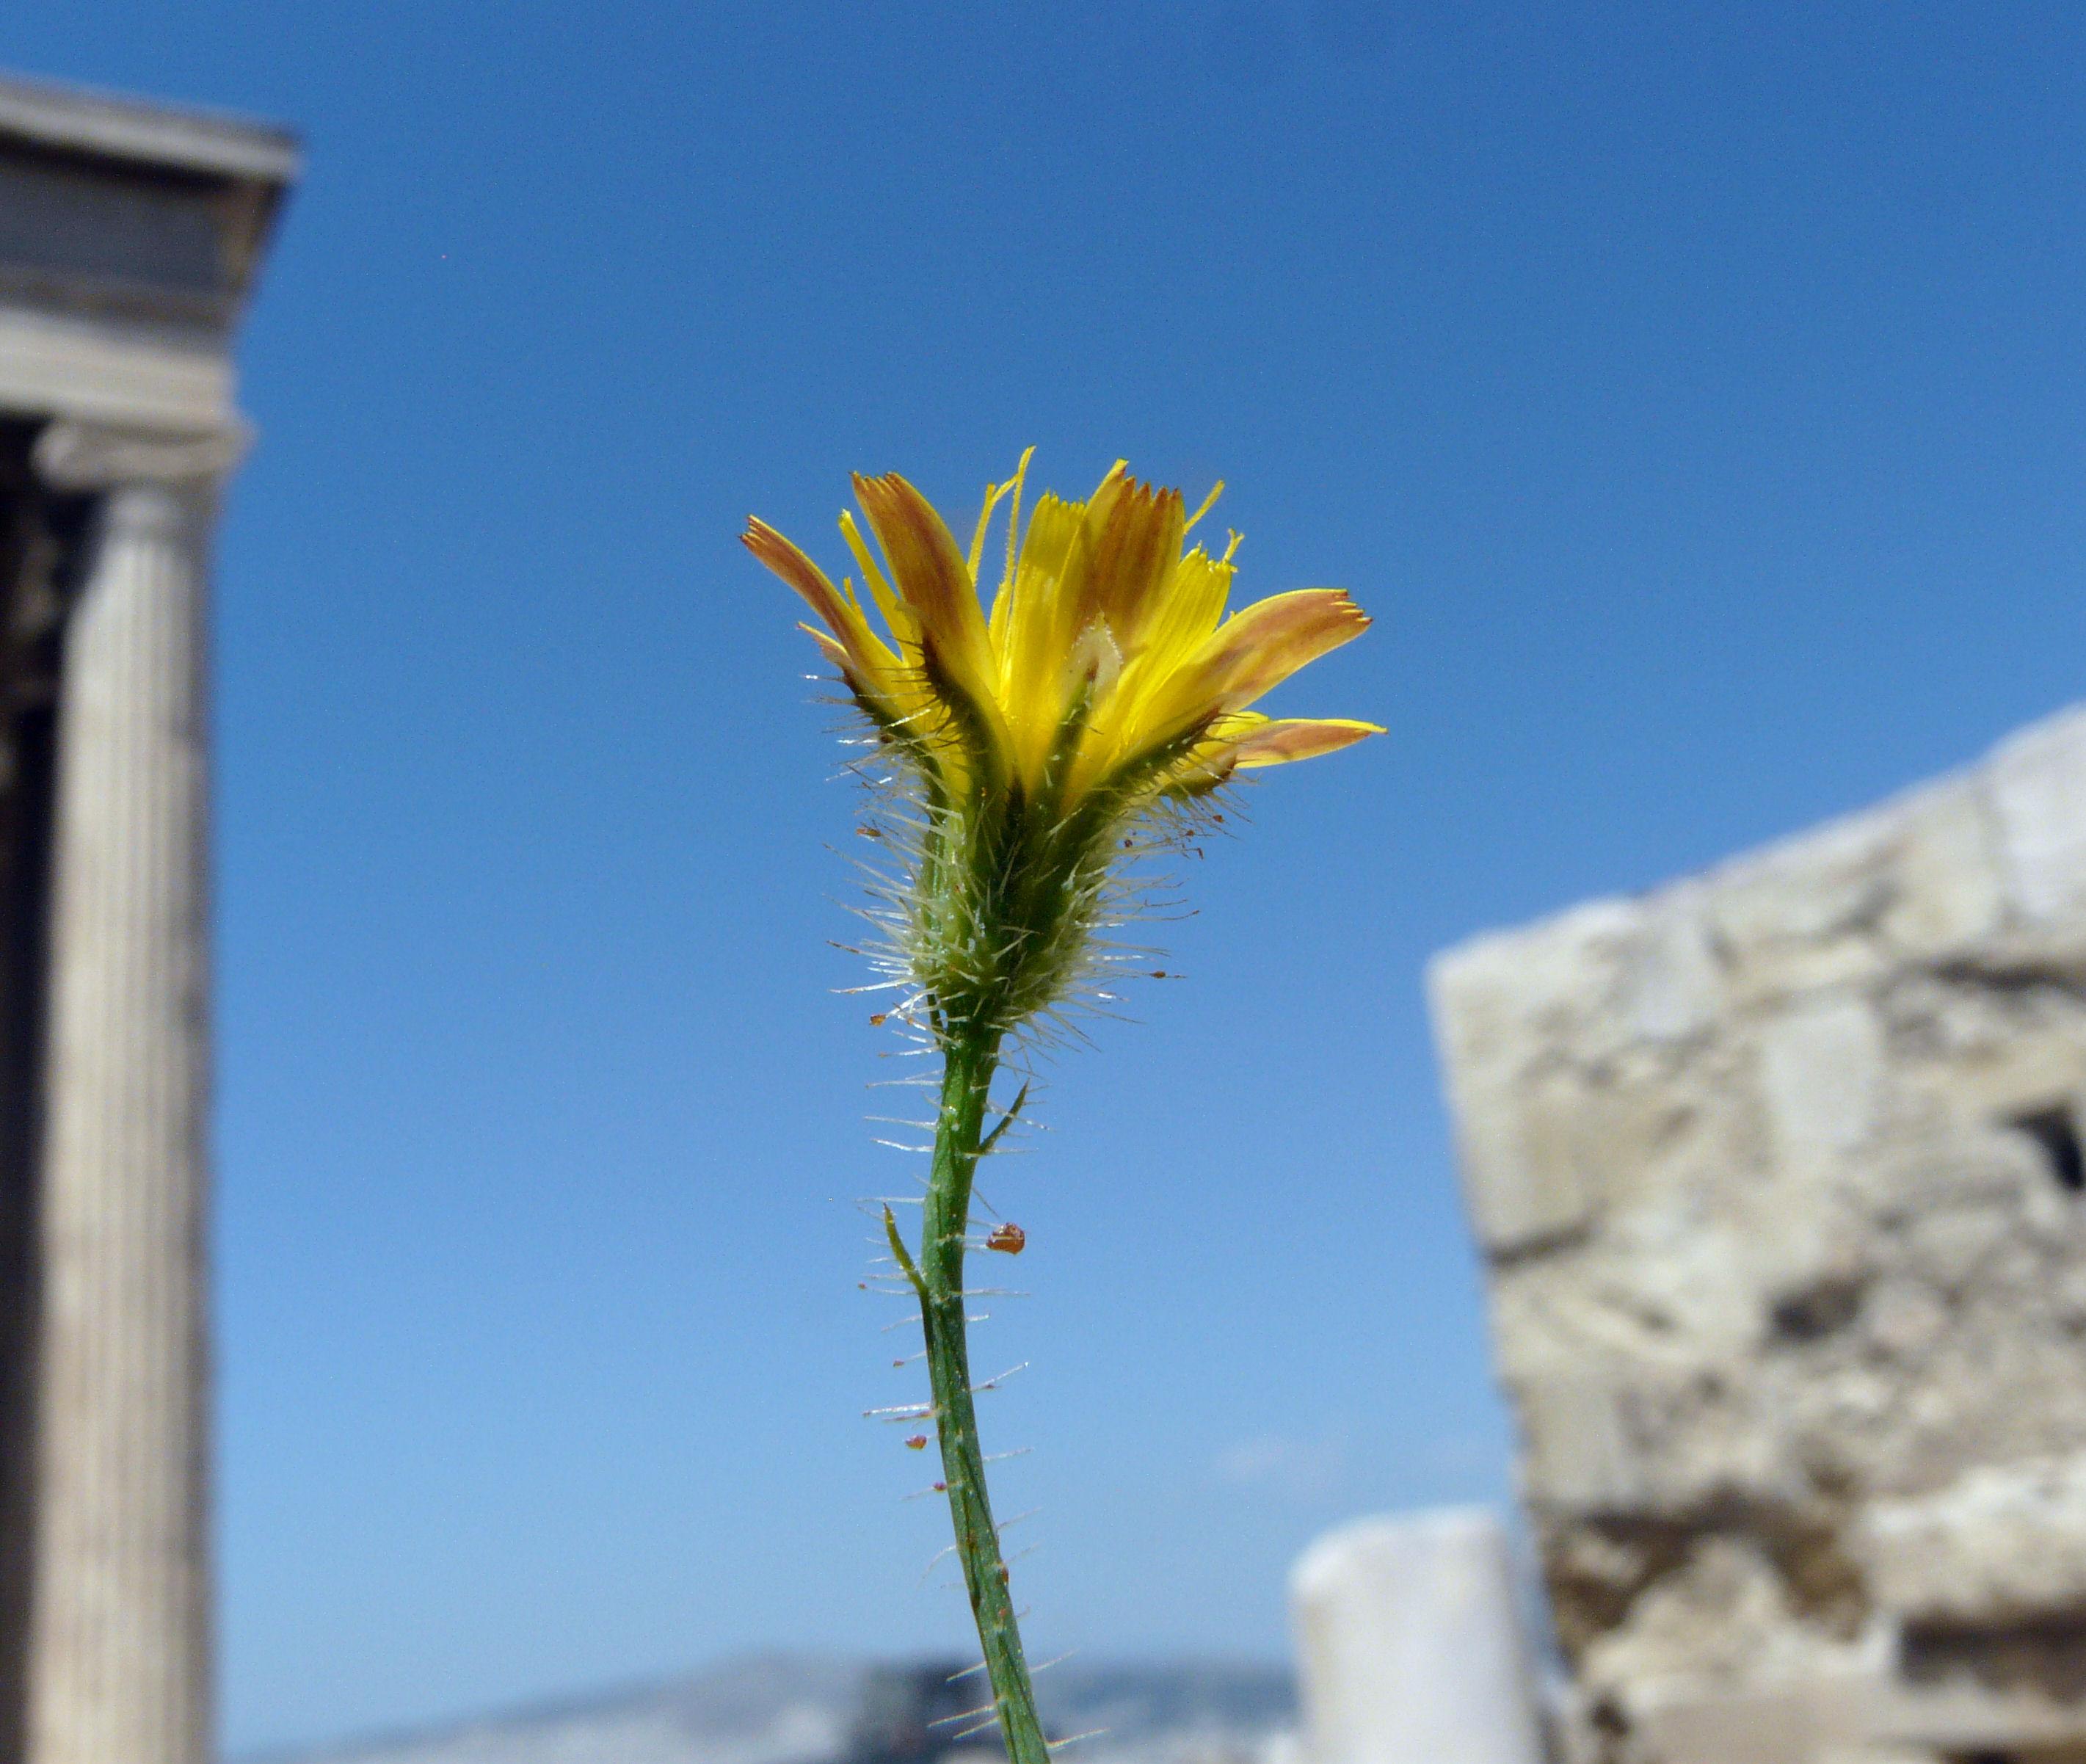 © Dipartimento di Scienze della Vita, Università degli Studi di Trieste<br>by Andrea Moro<br>Athens, Acropolis, Erechtheion, Attica, Greece, 05/05/2012<br>Distributed under CC-BY-SA 4.0 license.